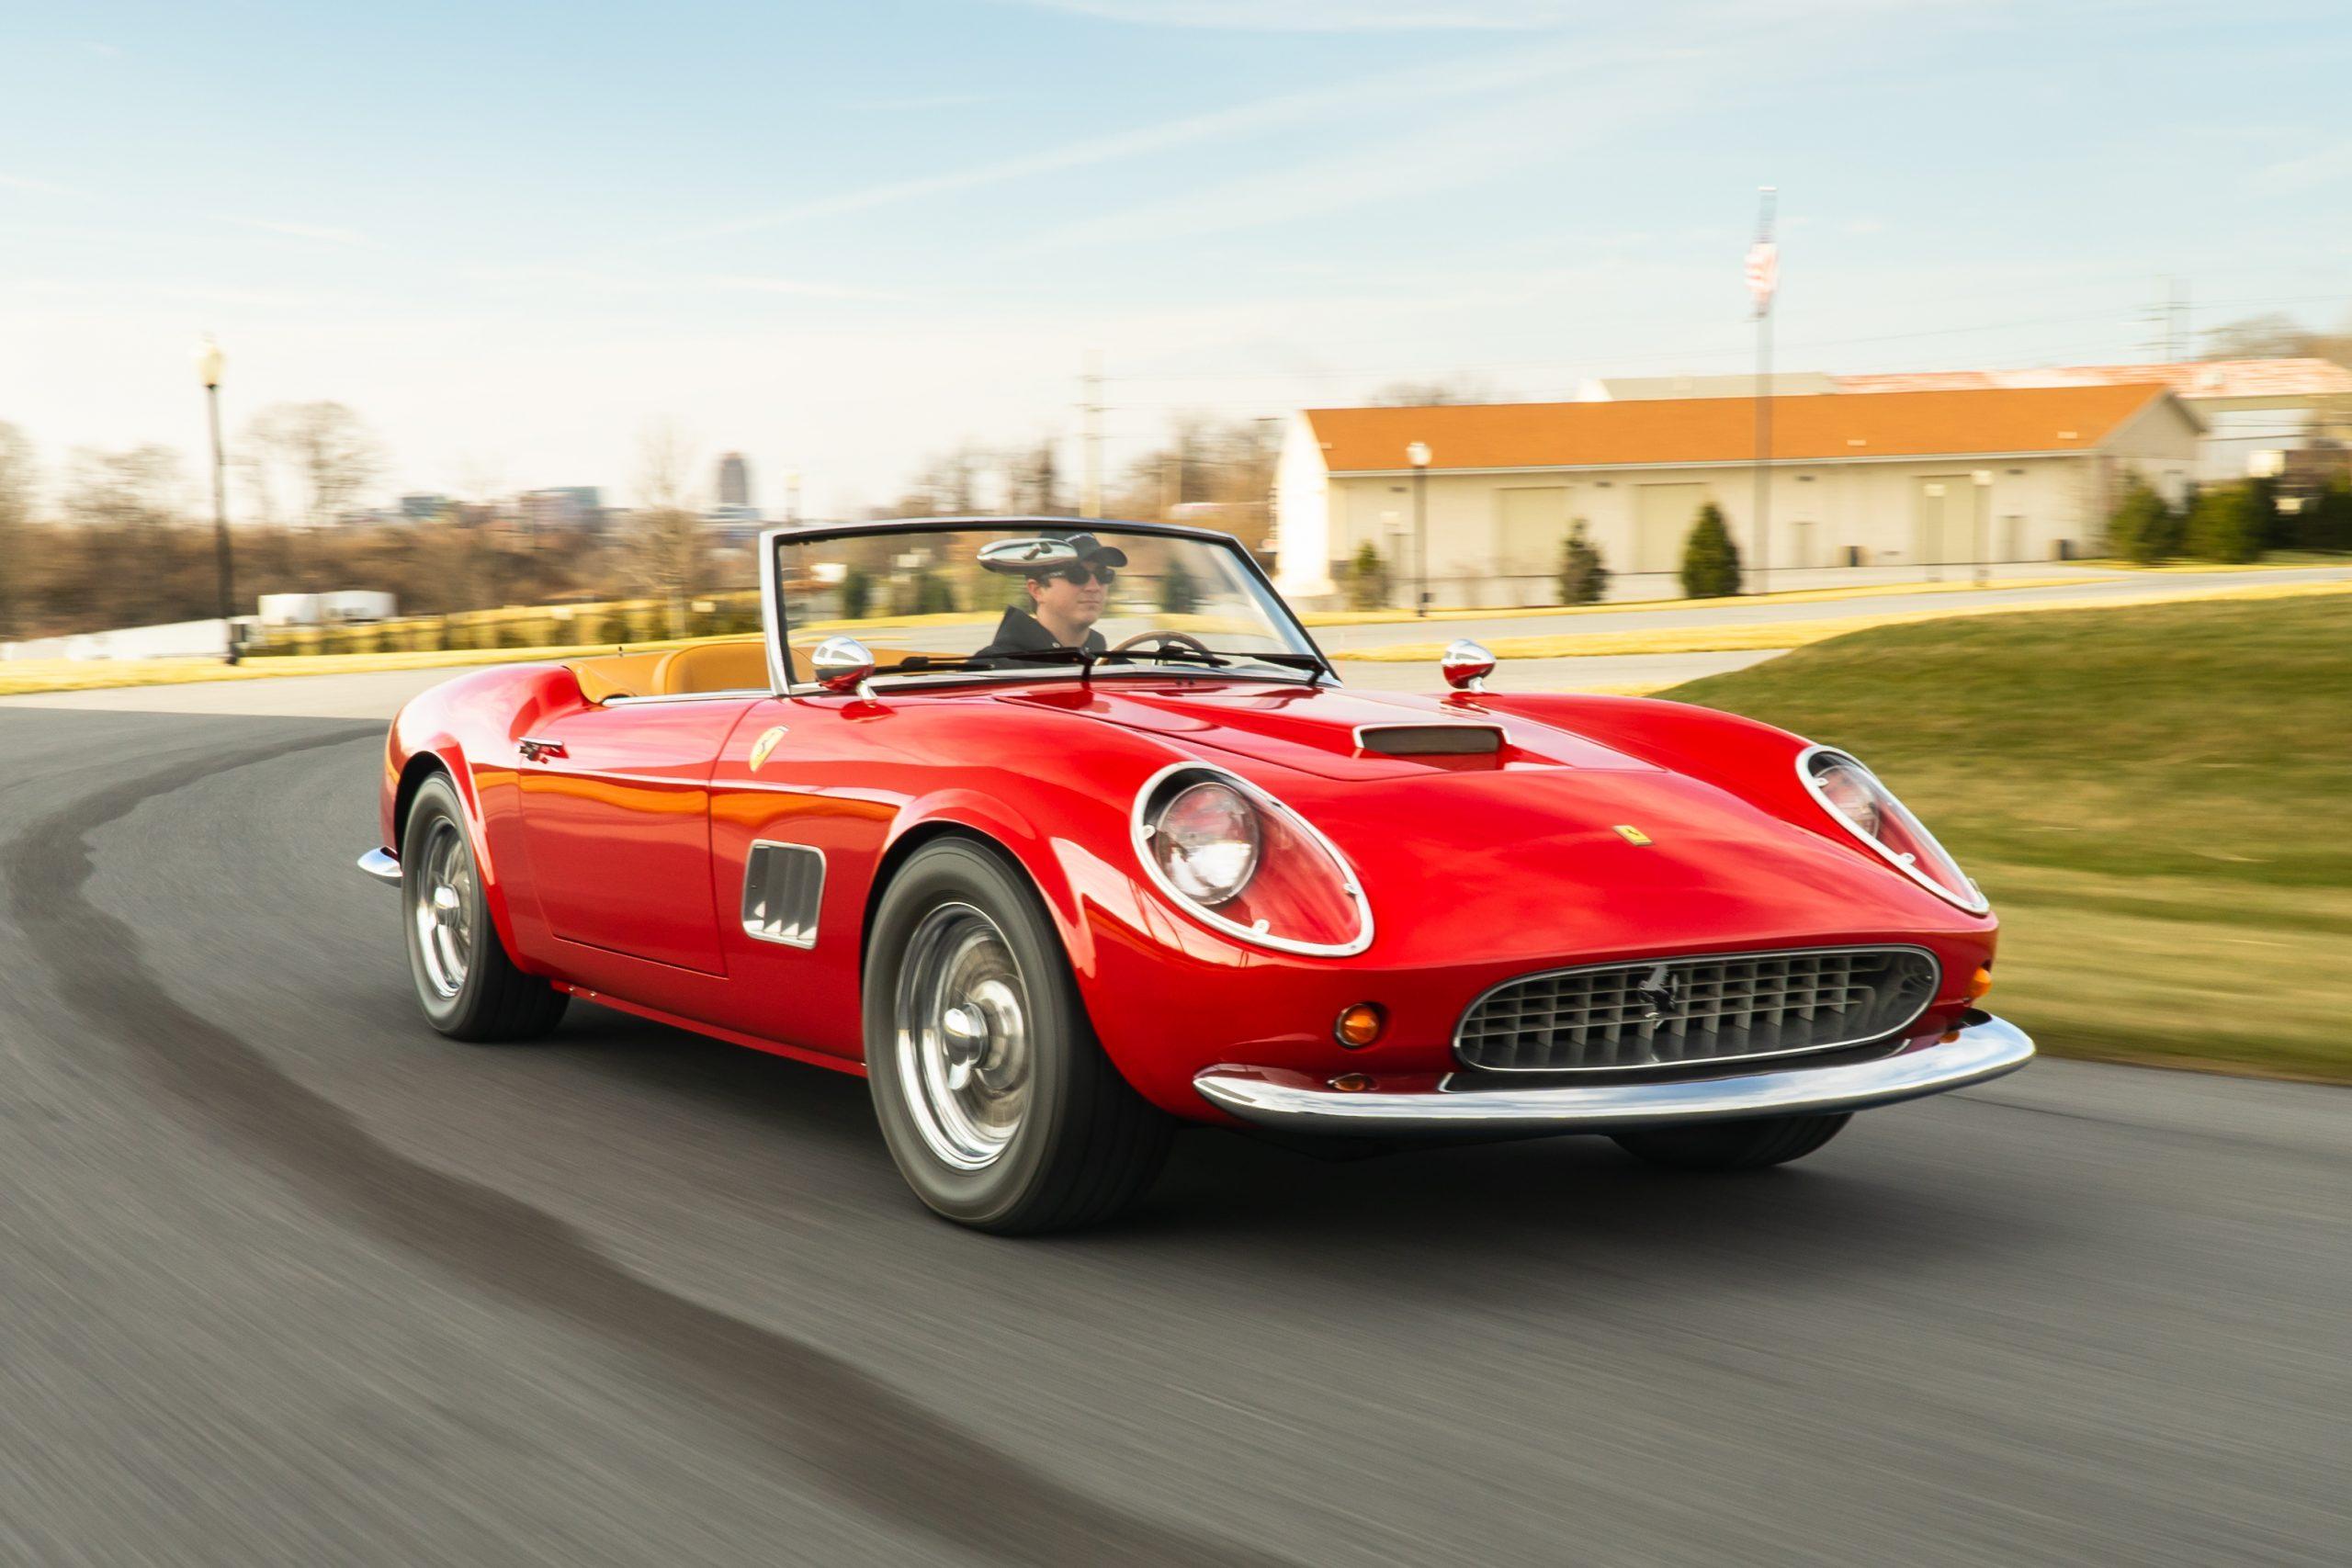 Ferris Bueller Ferrari - HVA - In Motion